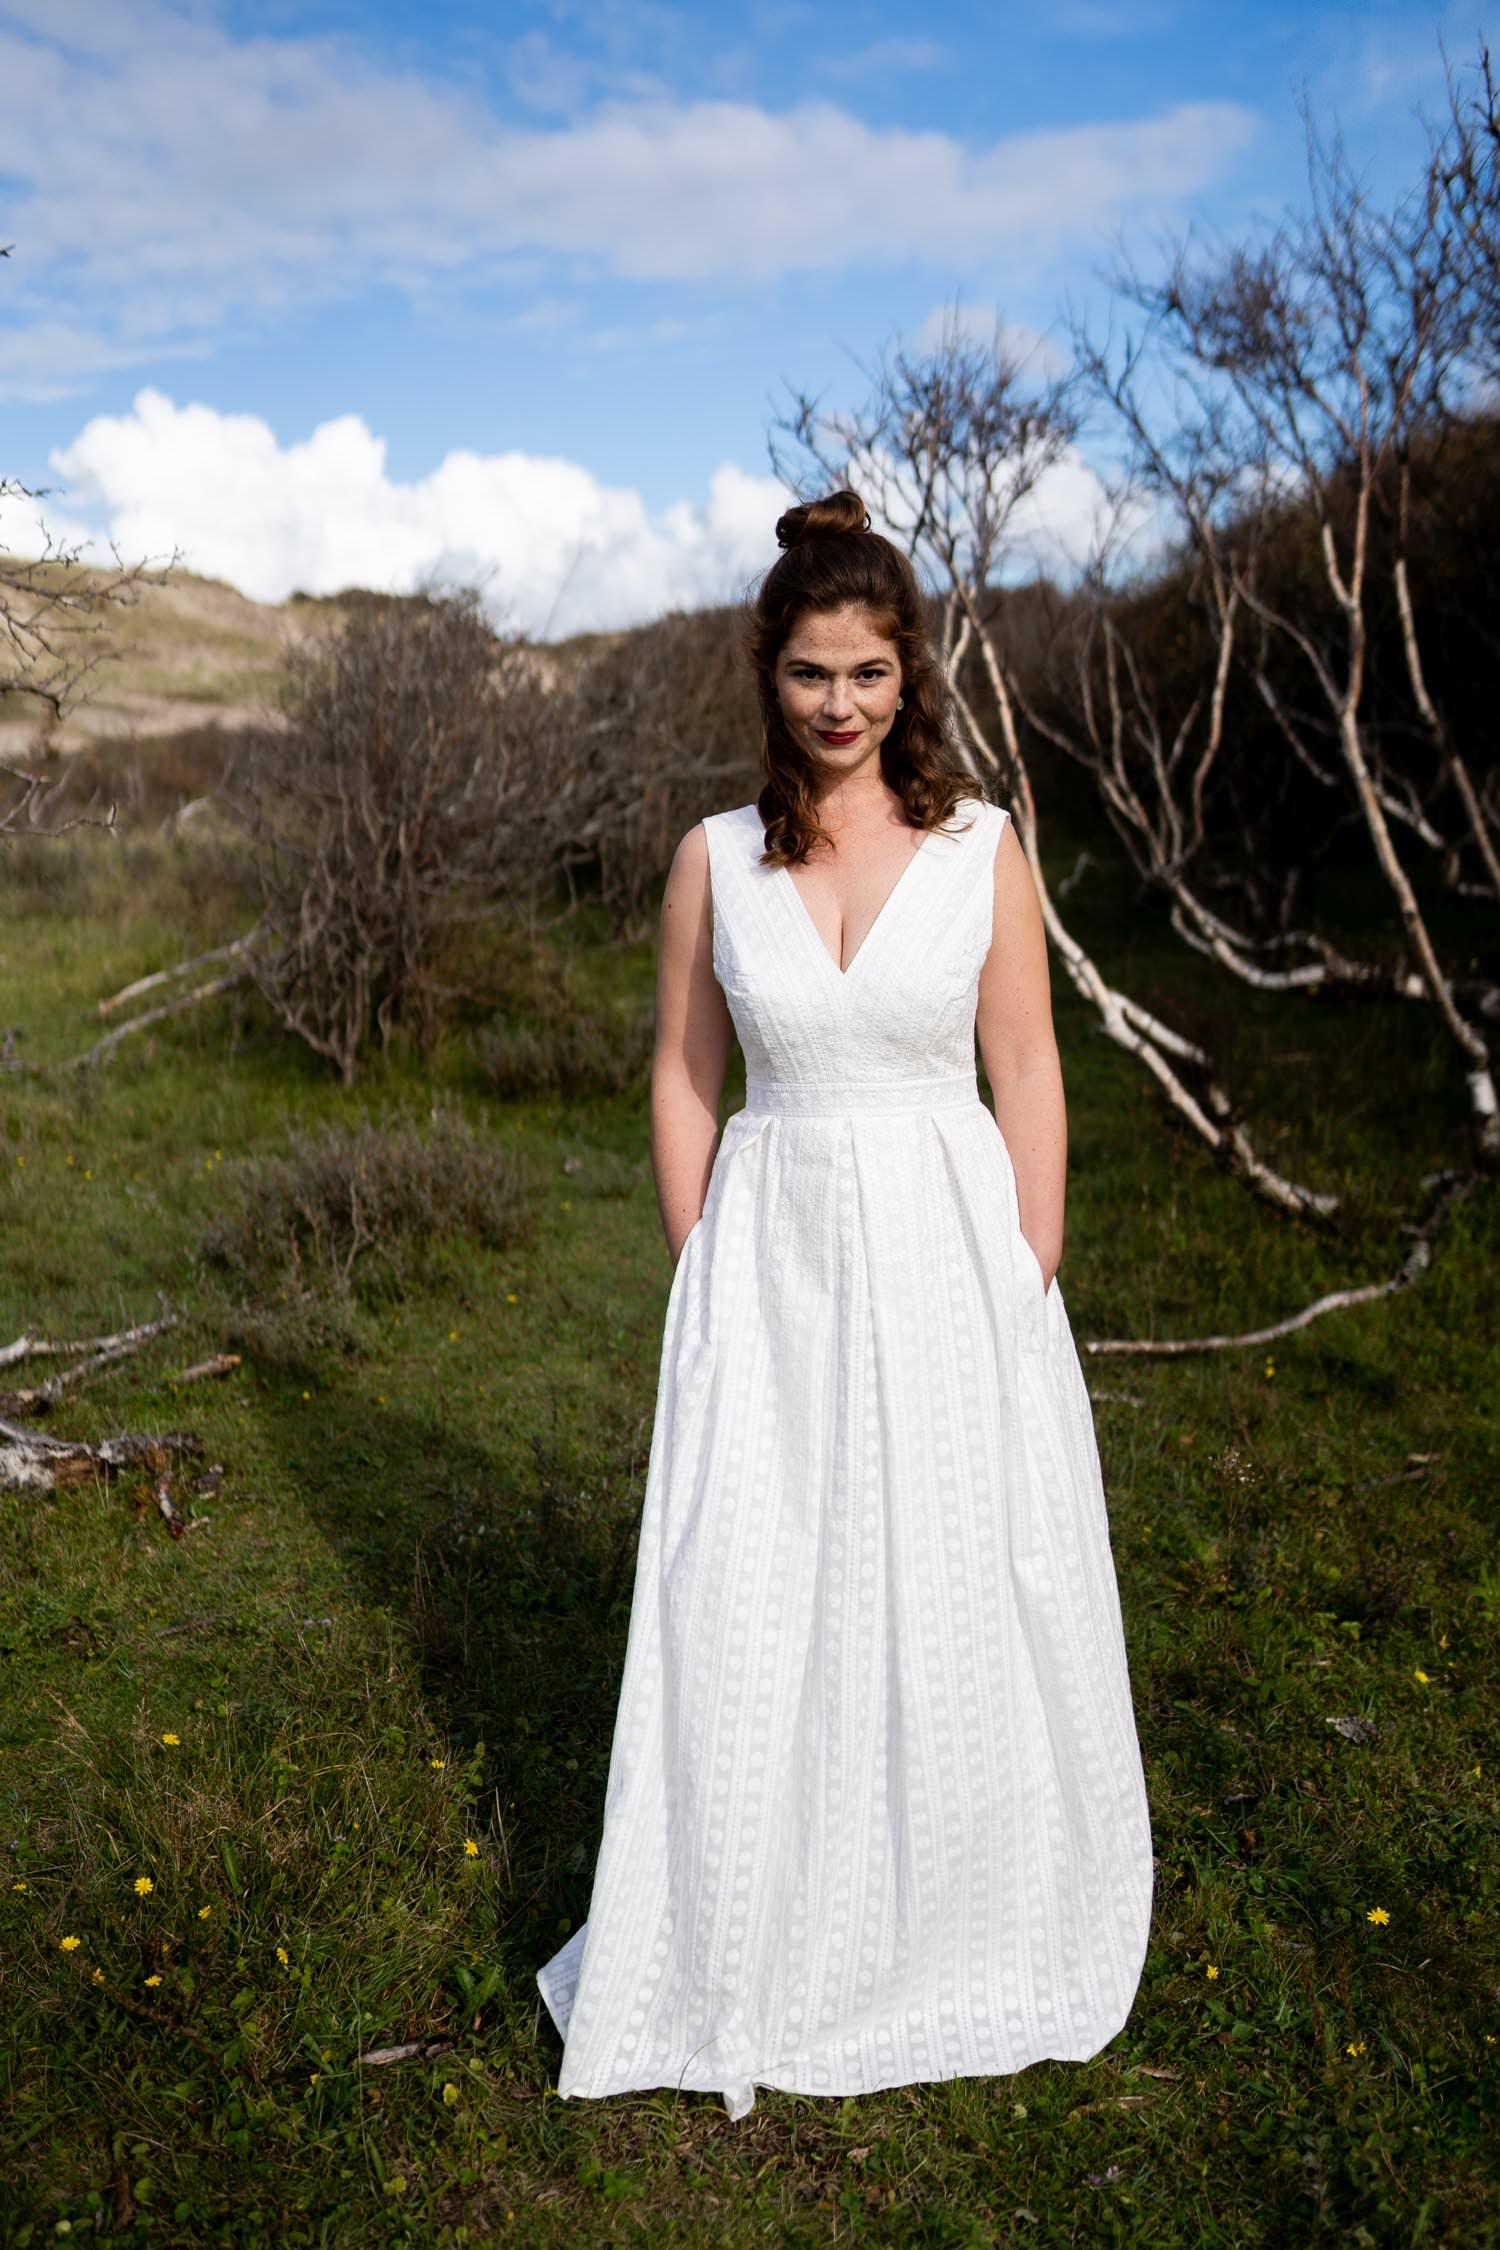 Brautkleid mit Taschen aus Baumwolle - Celia - Claudia Heller